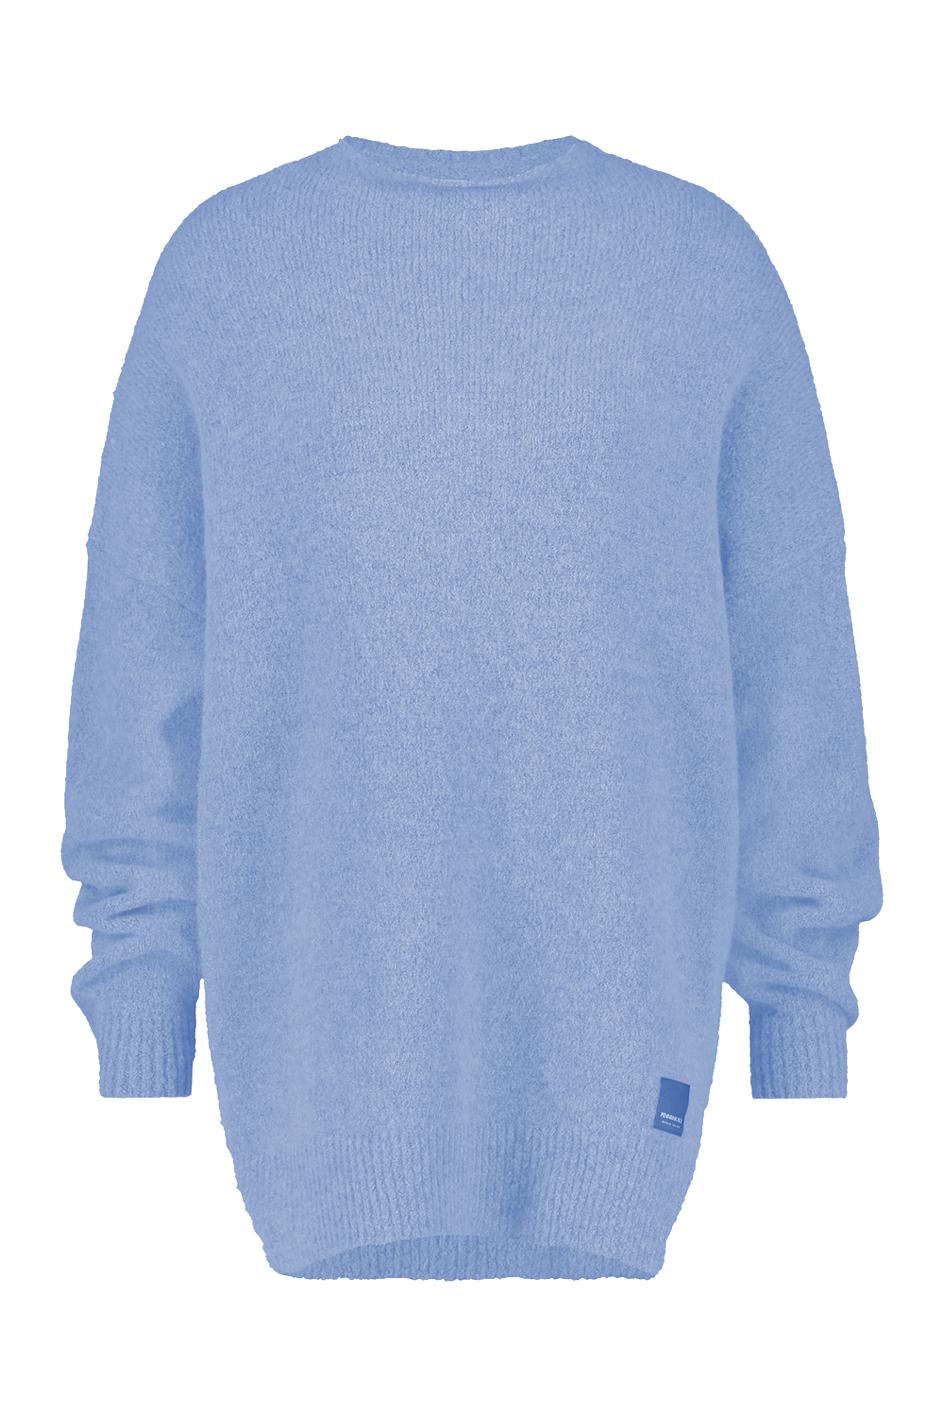 Blauwe dames trui Penn & Ink - W19L101